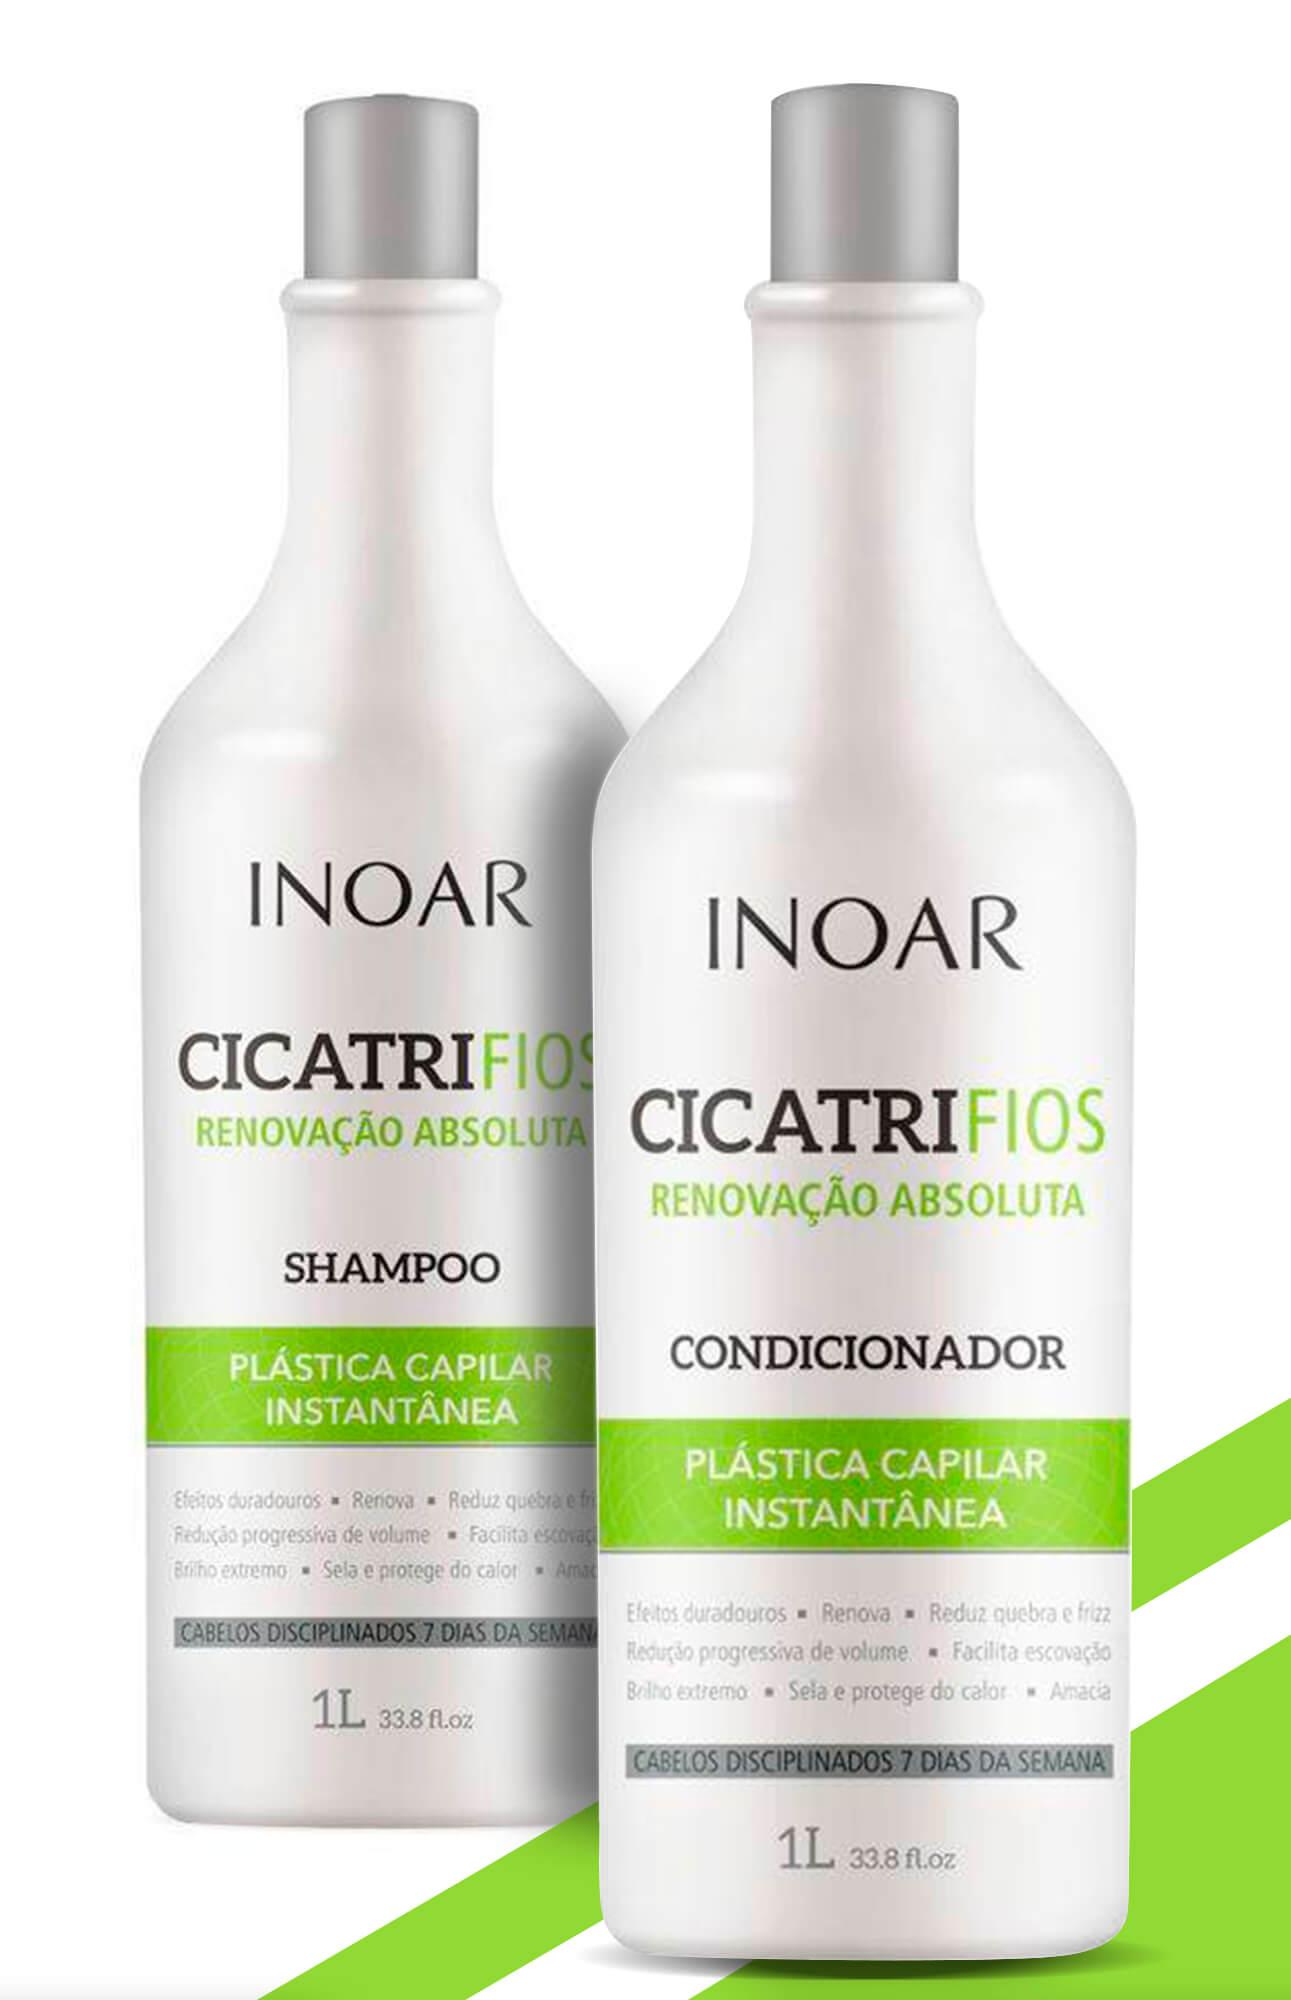 Kit Cicatrifios Shampoo + Condicionador 1l